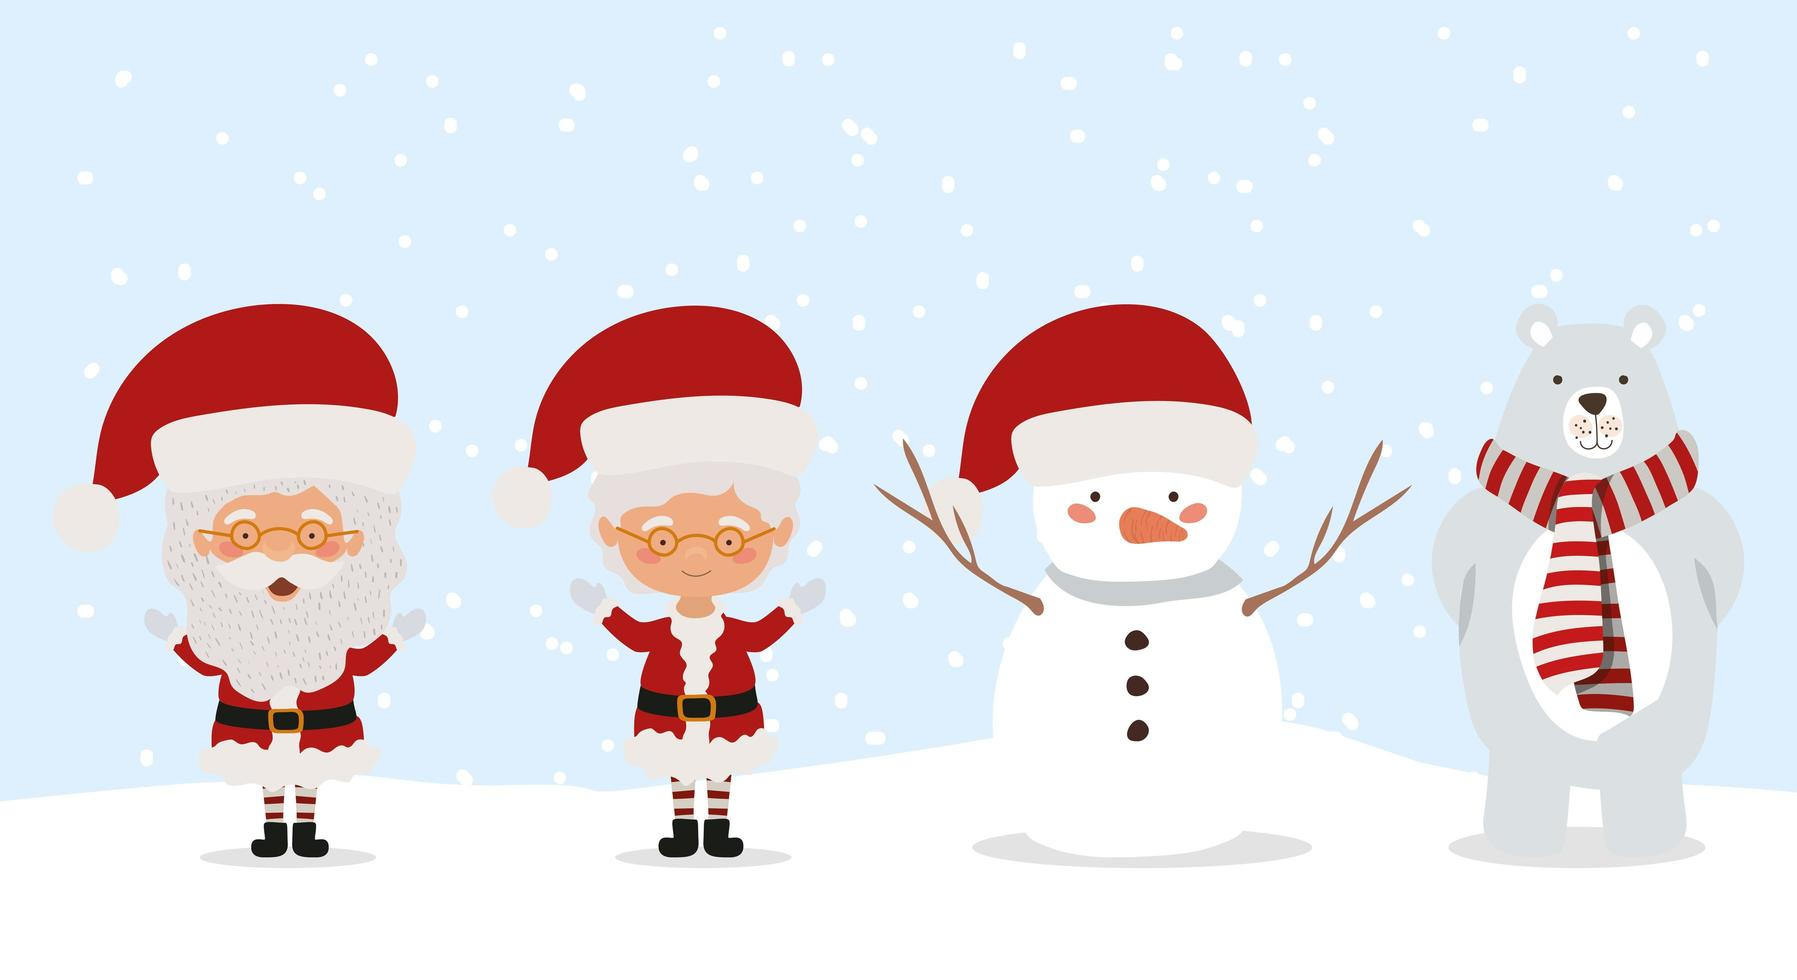 süße Weihnachtsfiguren vektor